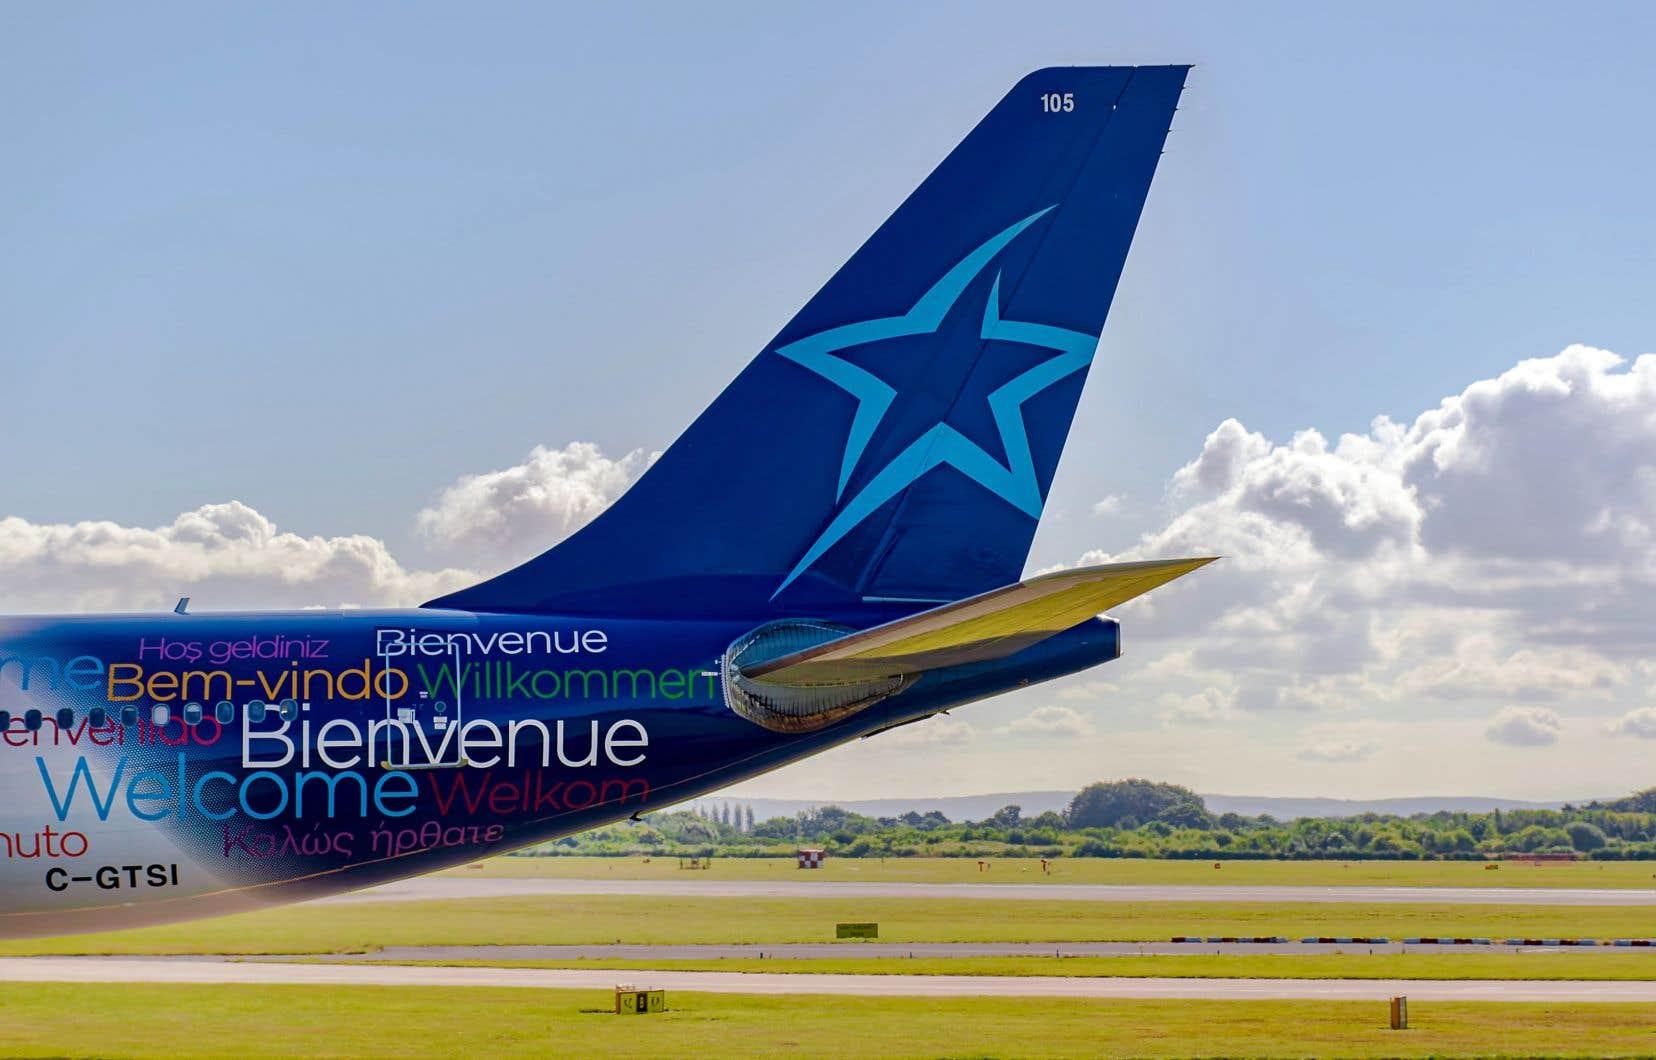 Même si Transat A.T. a accepté la proposition d'Air Canada, la transaction pourrait se heurter à de nombreux obstacles.